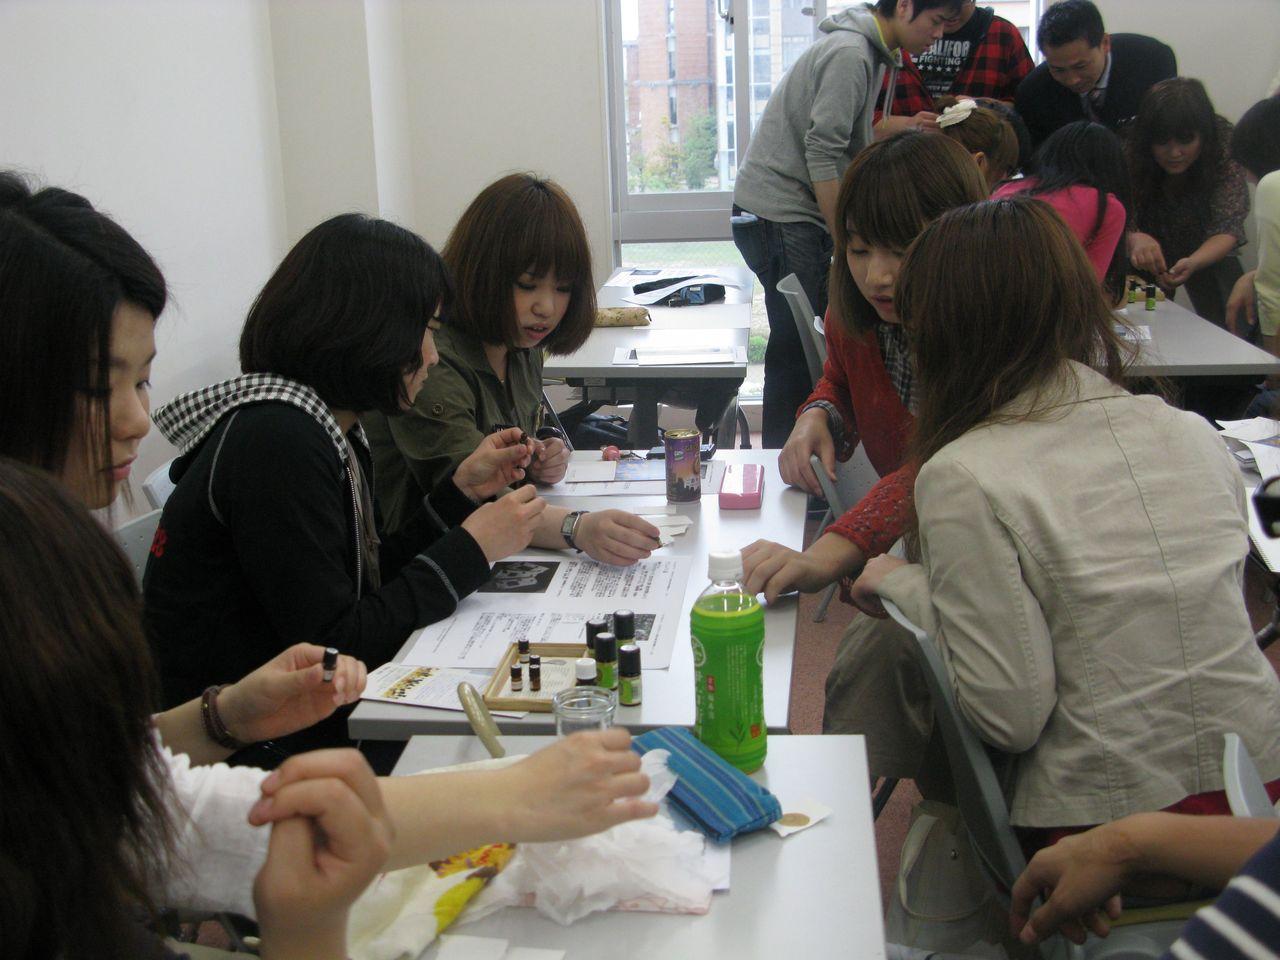 神戸夙川学院大学アロマテラピー講義・後ろは何で集まってるのかな